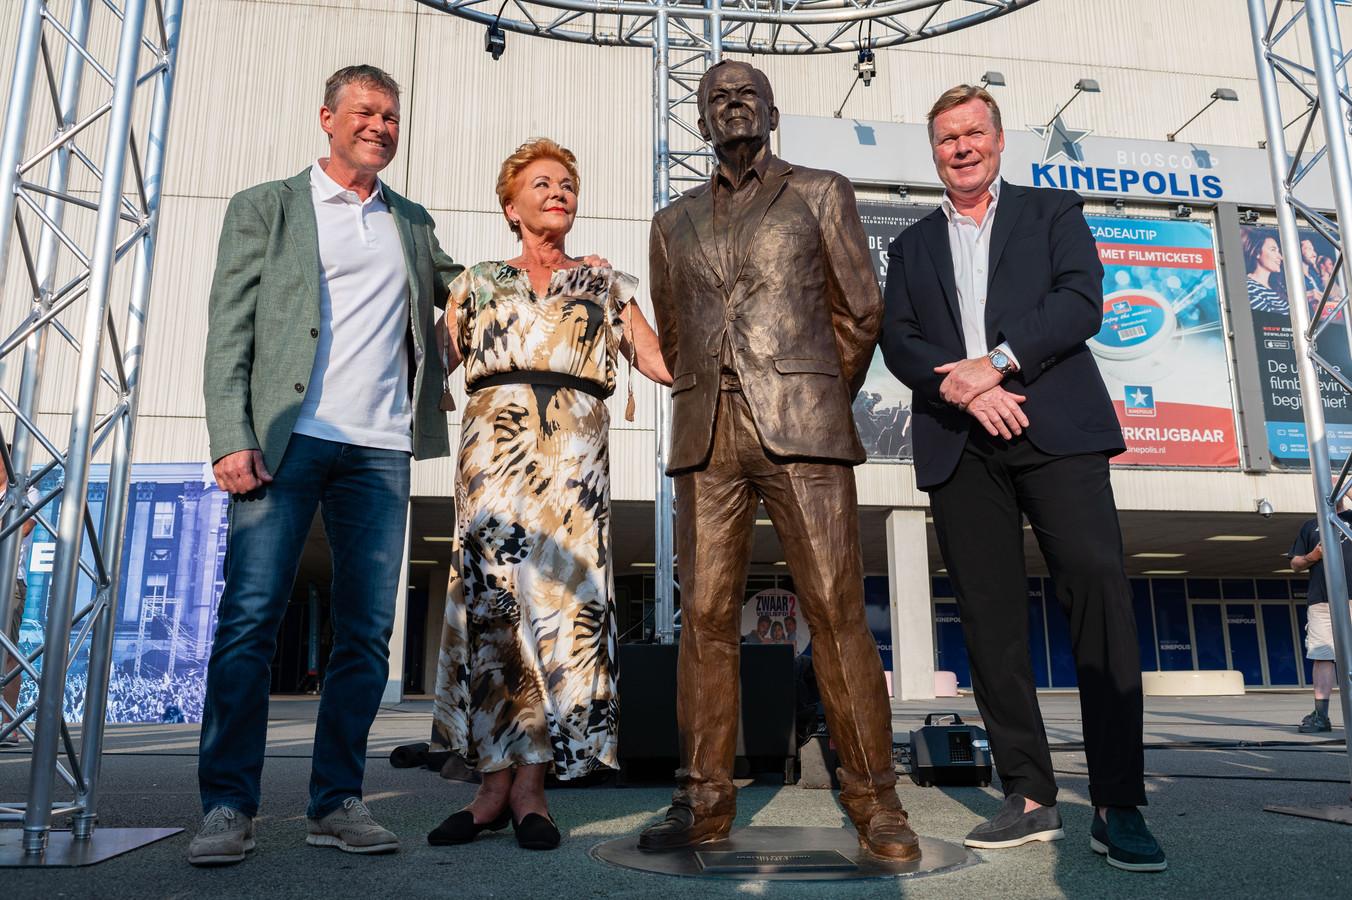 Vlnr Erwin, Wies en Ronald Koeman bij het standbeeld van Martin Koeman.